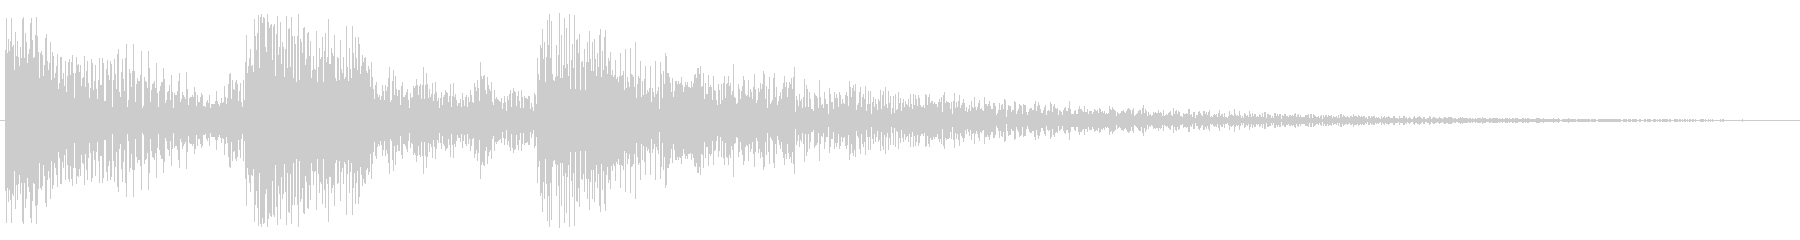 テロリン ピロロン 上昇 トイピアノ の未再生の波形